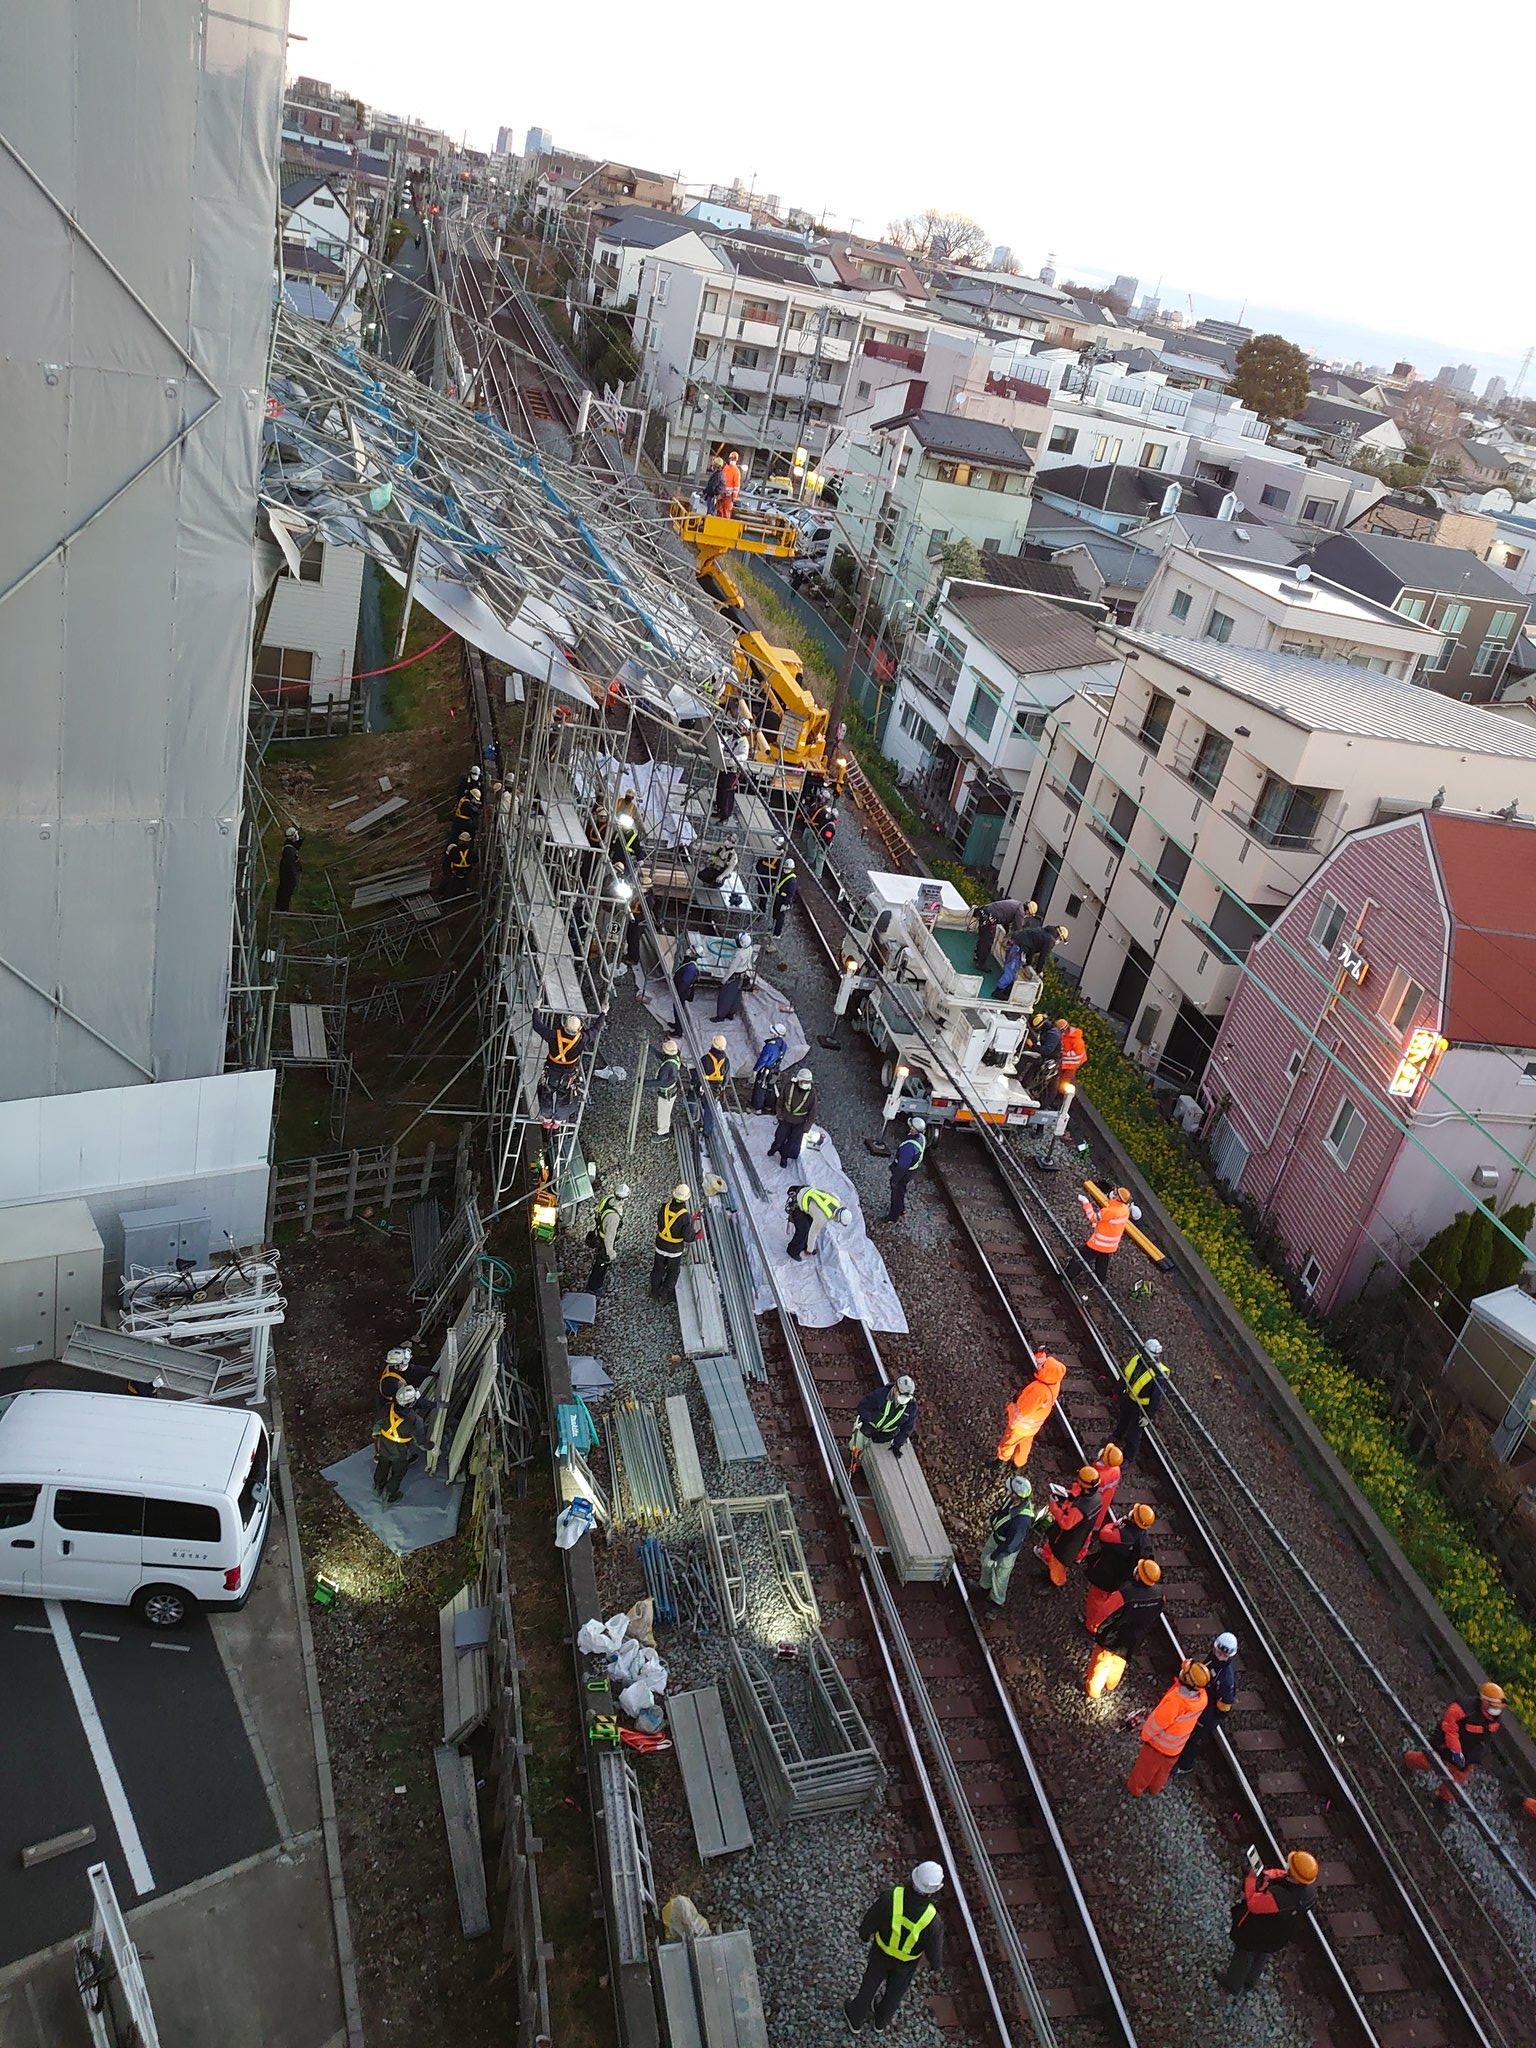 【悲報】武蔵小杉駅、東急東横線再開見込み立たずで地獄絵図の模様